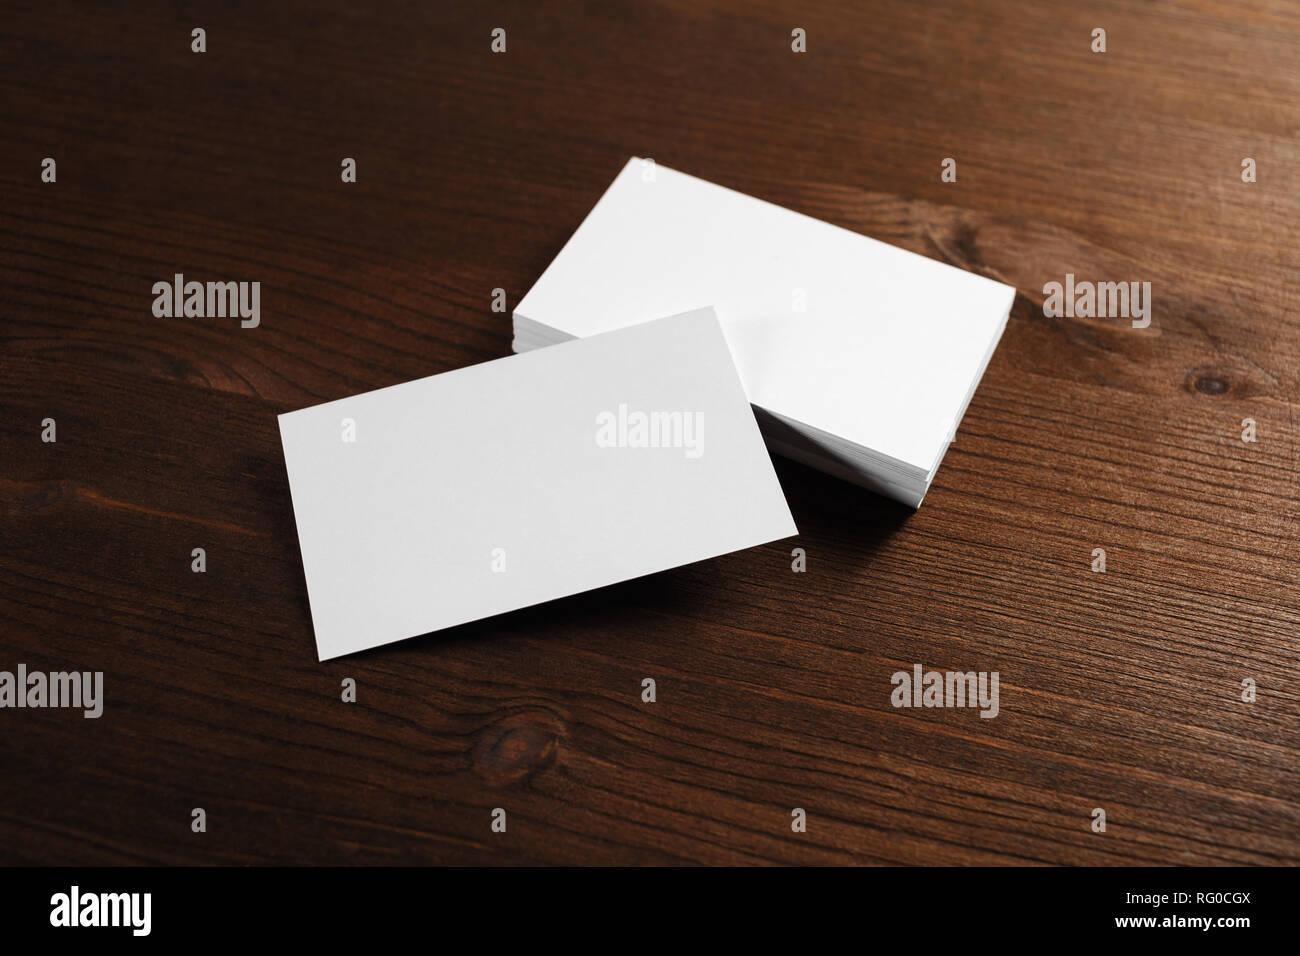 Leere Weiße Visitenkarten Auf Holz Tisch Hintergrund Mockup